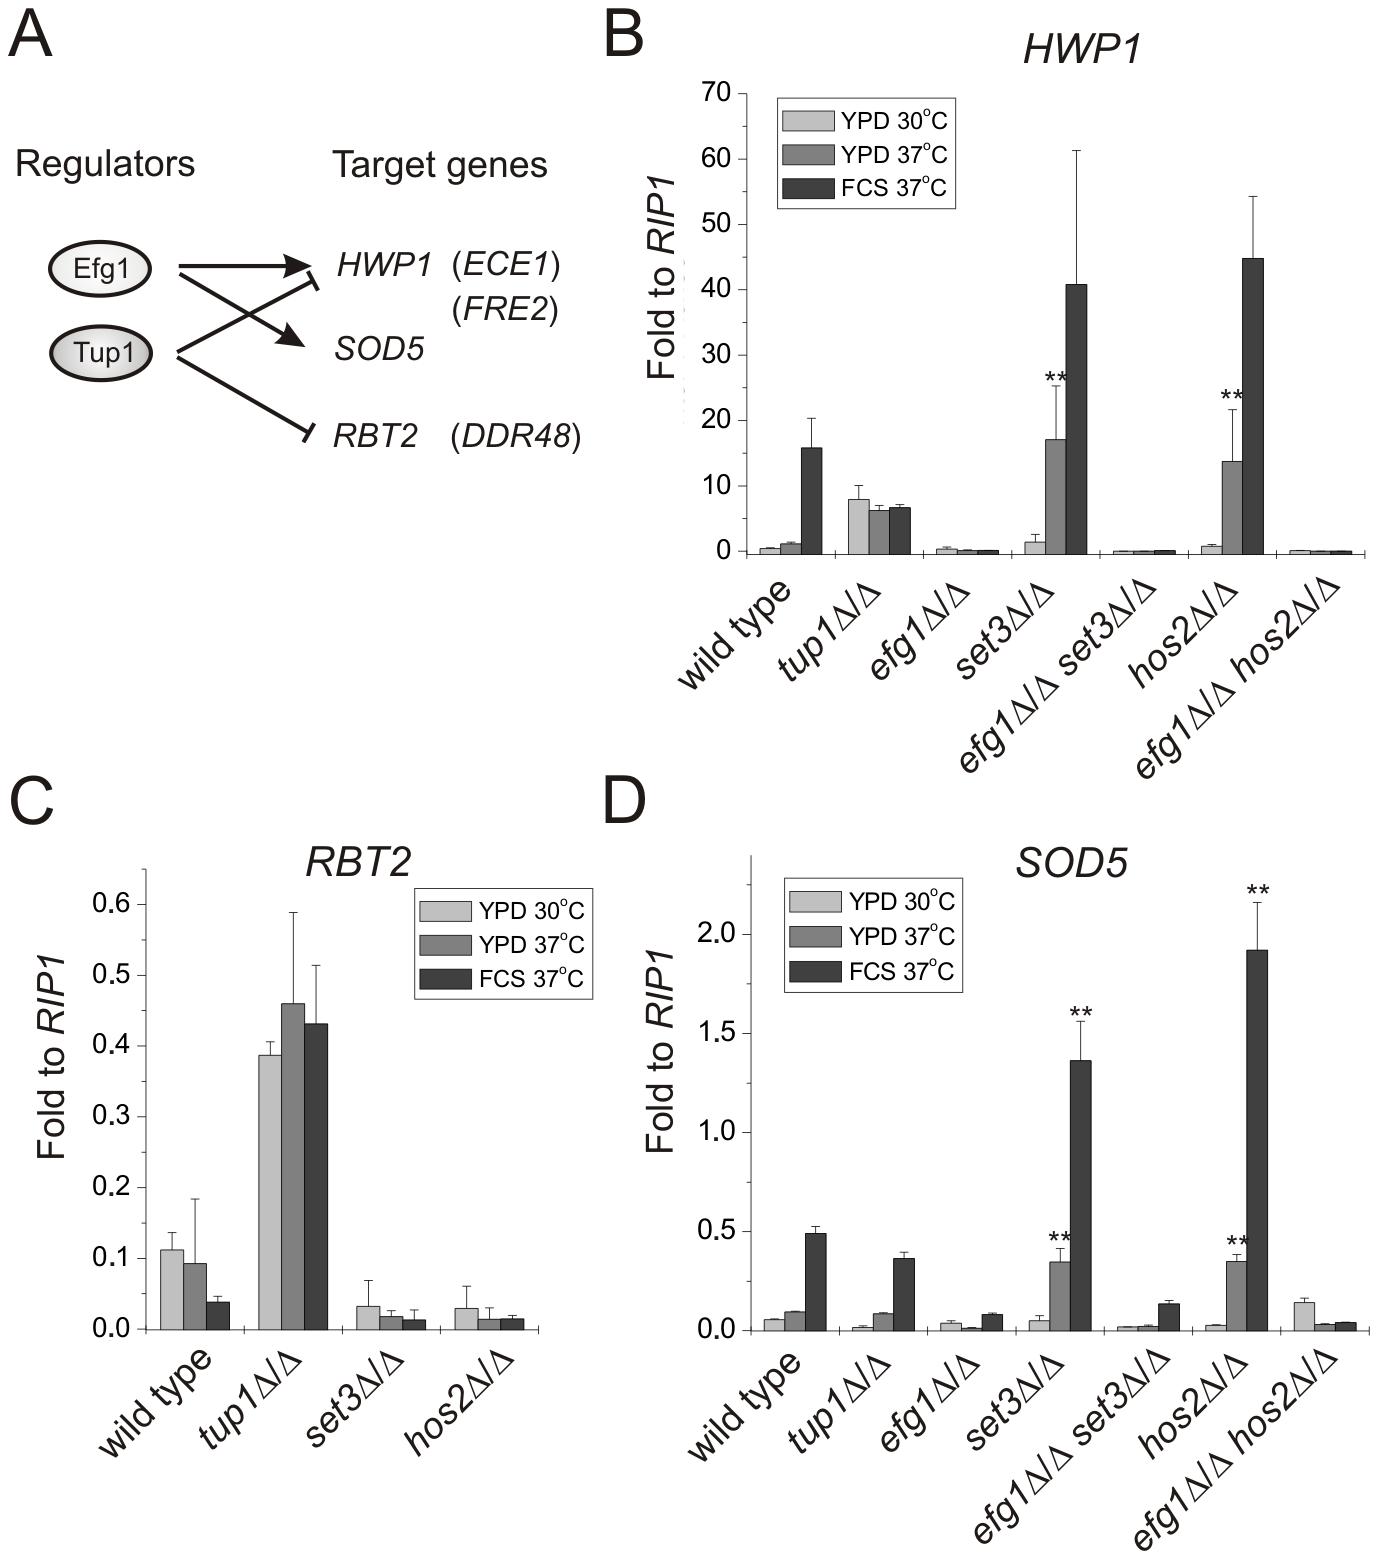 Loss of <i>SET3</i> or <i>HOS2</i> enhances induction of <i>EFG1</i>-dependent target genes.